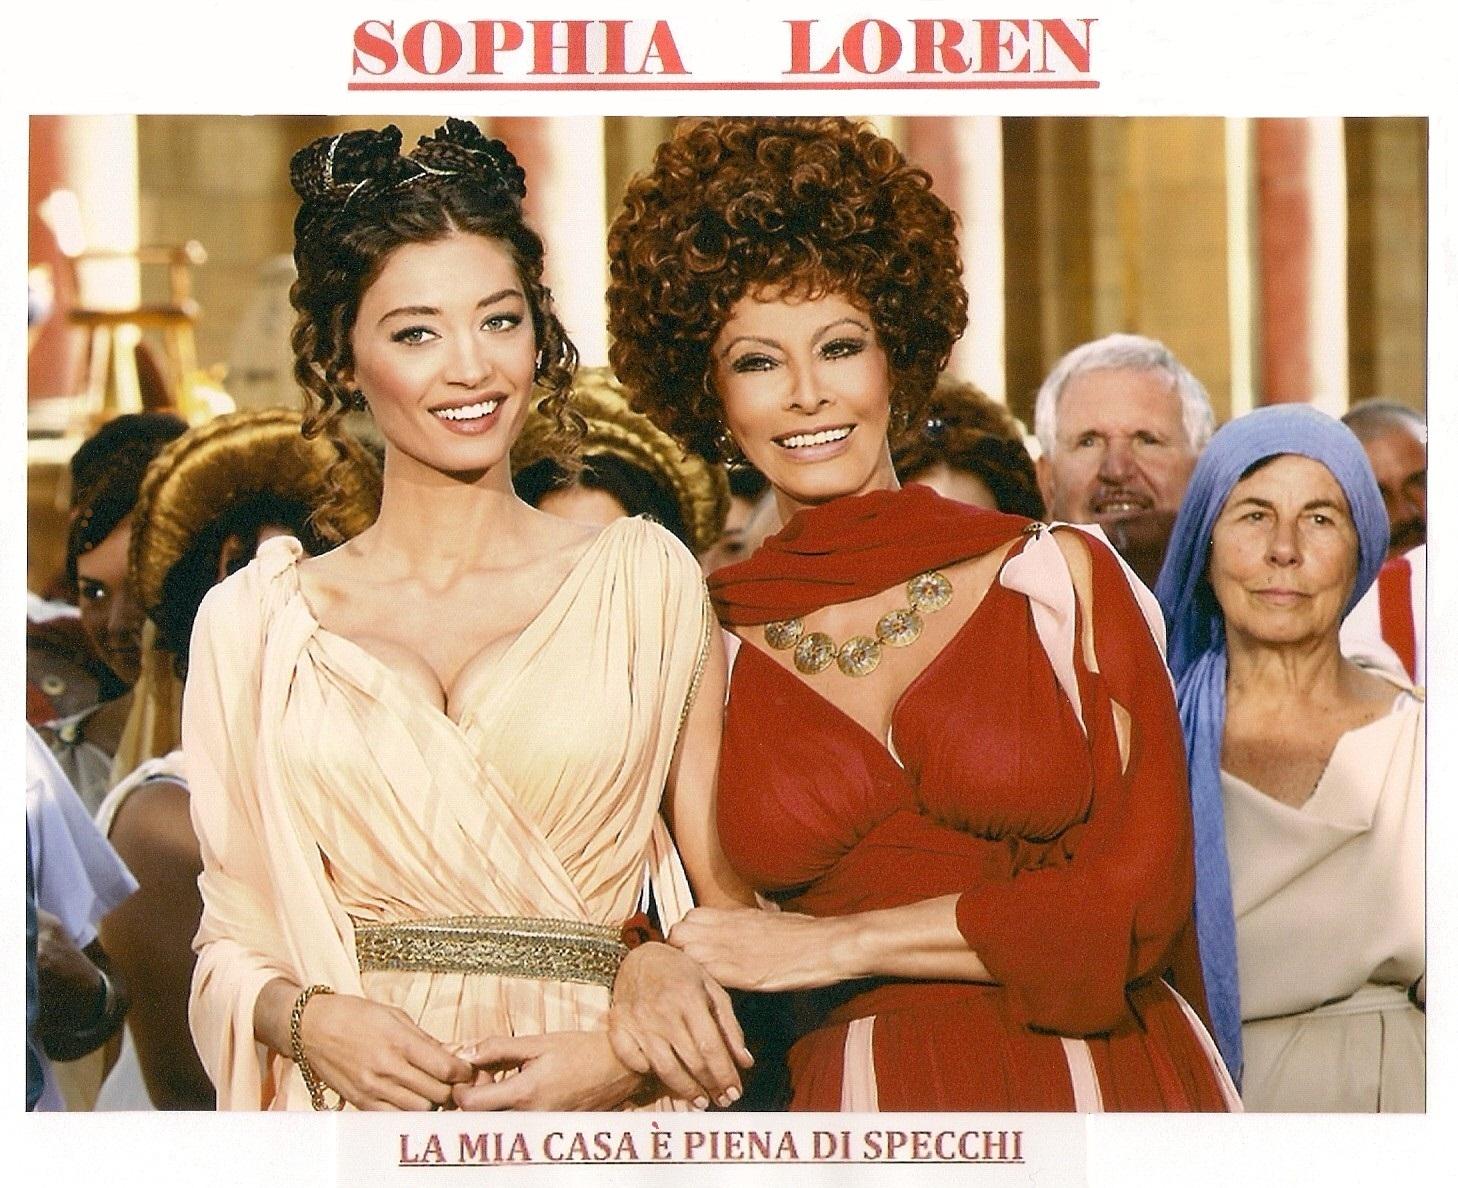 Posters y carteles cine de sophia loren - La mia casa e piena di specchi ...